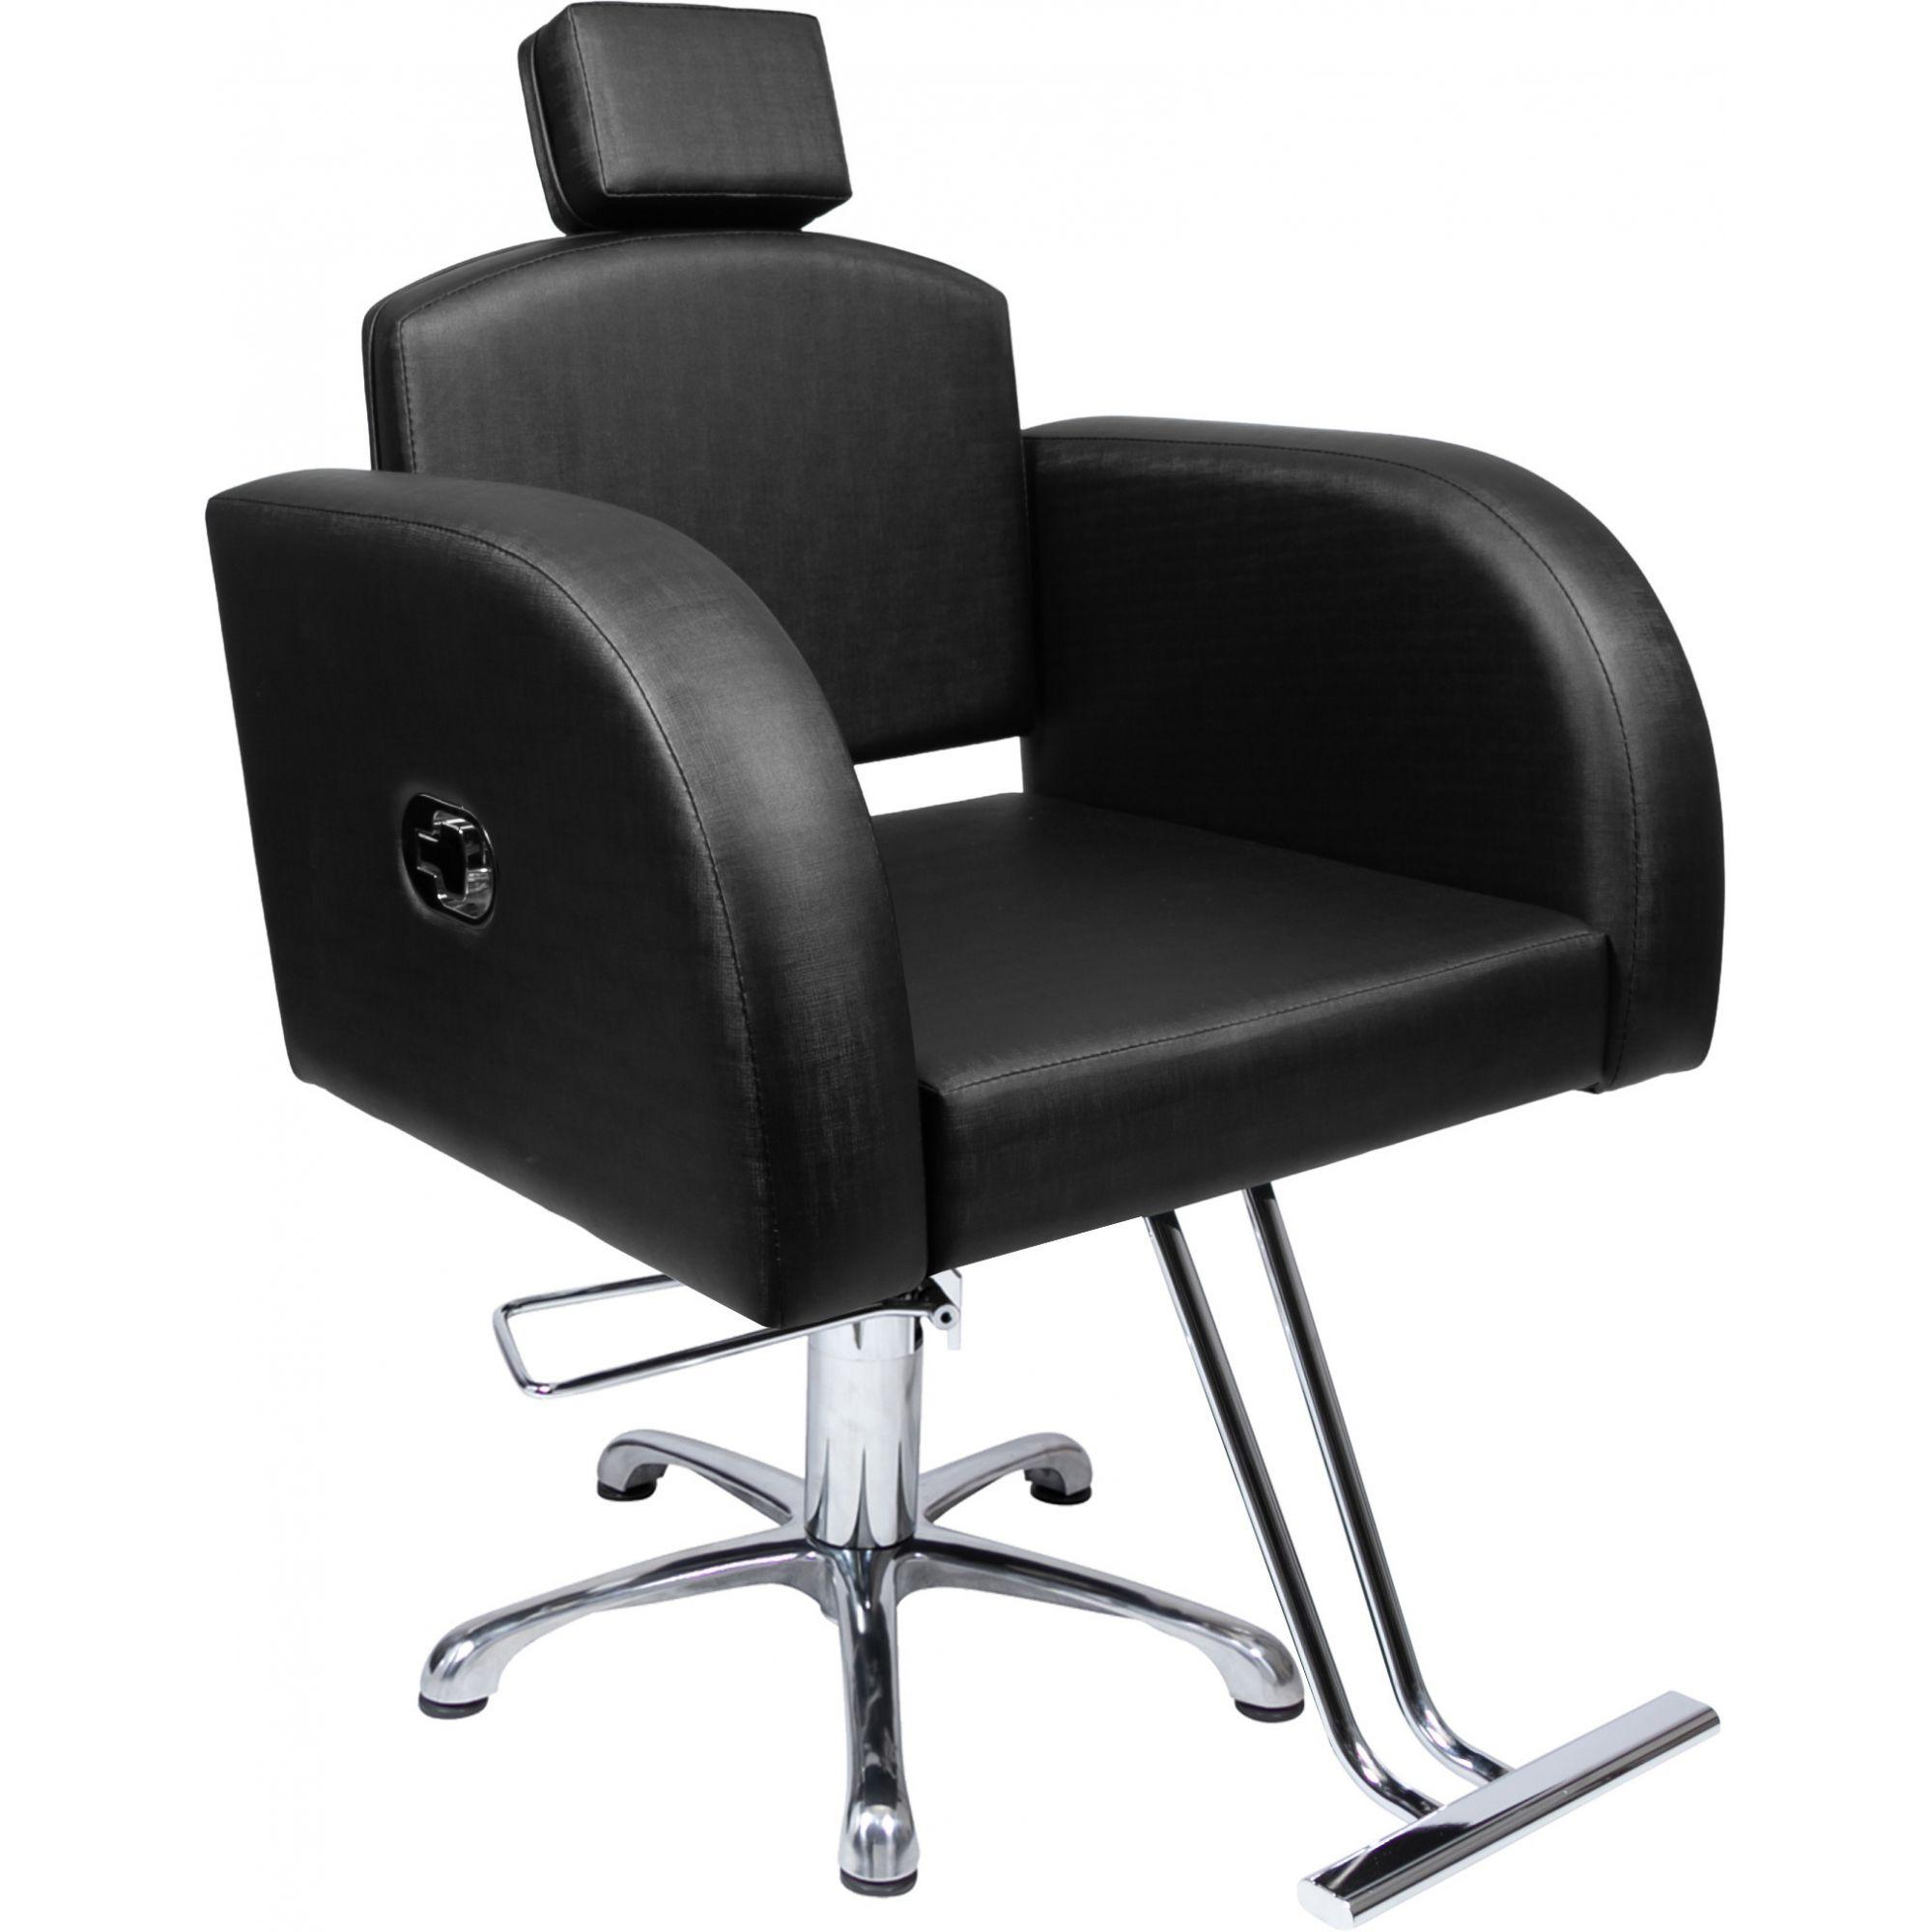 Poltrona Cadeira Hidráulica Destak Reclinável Para Salão Preto Factor